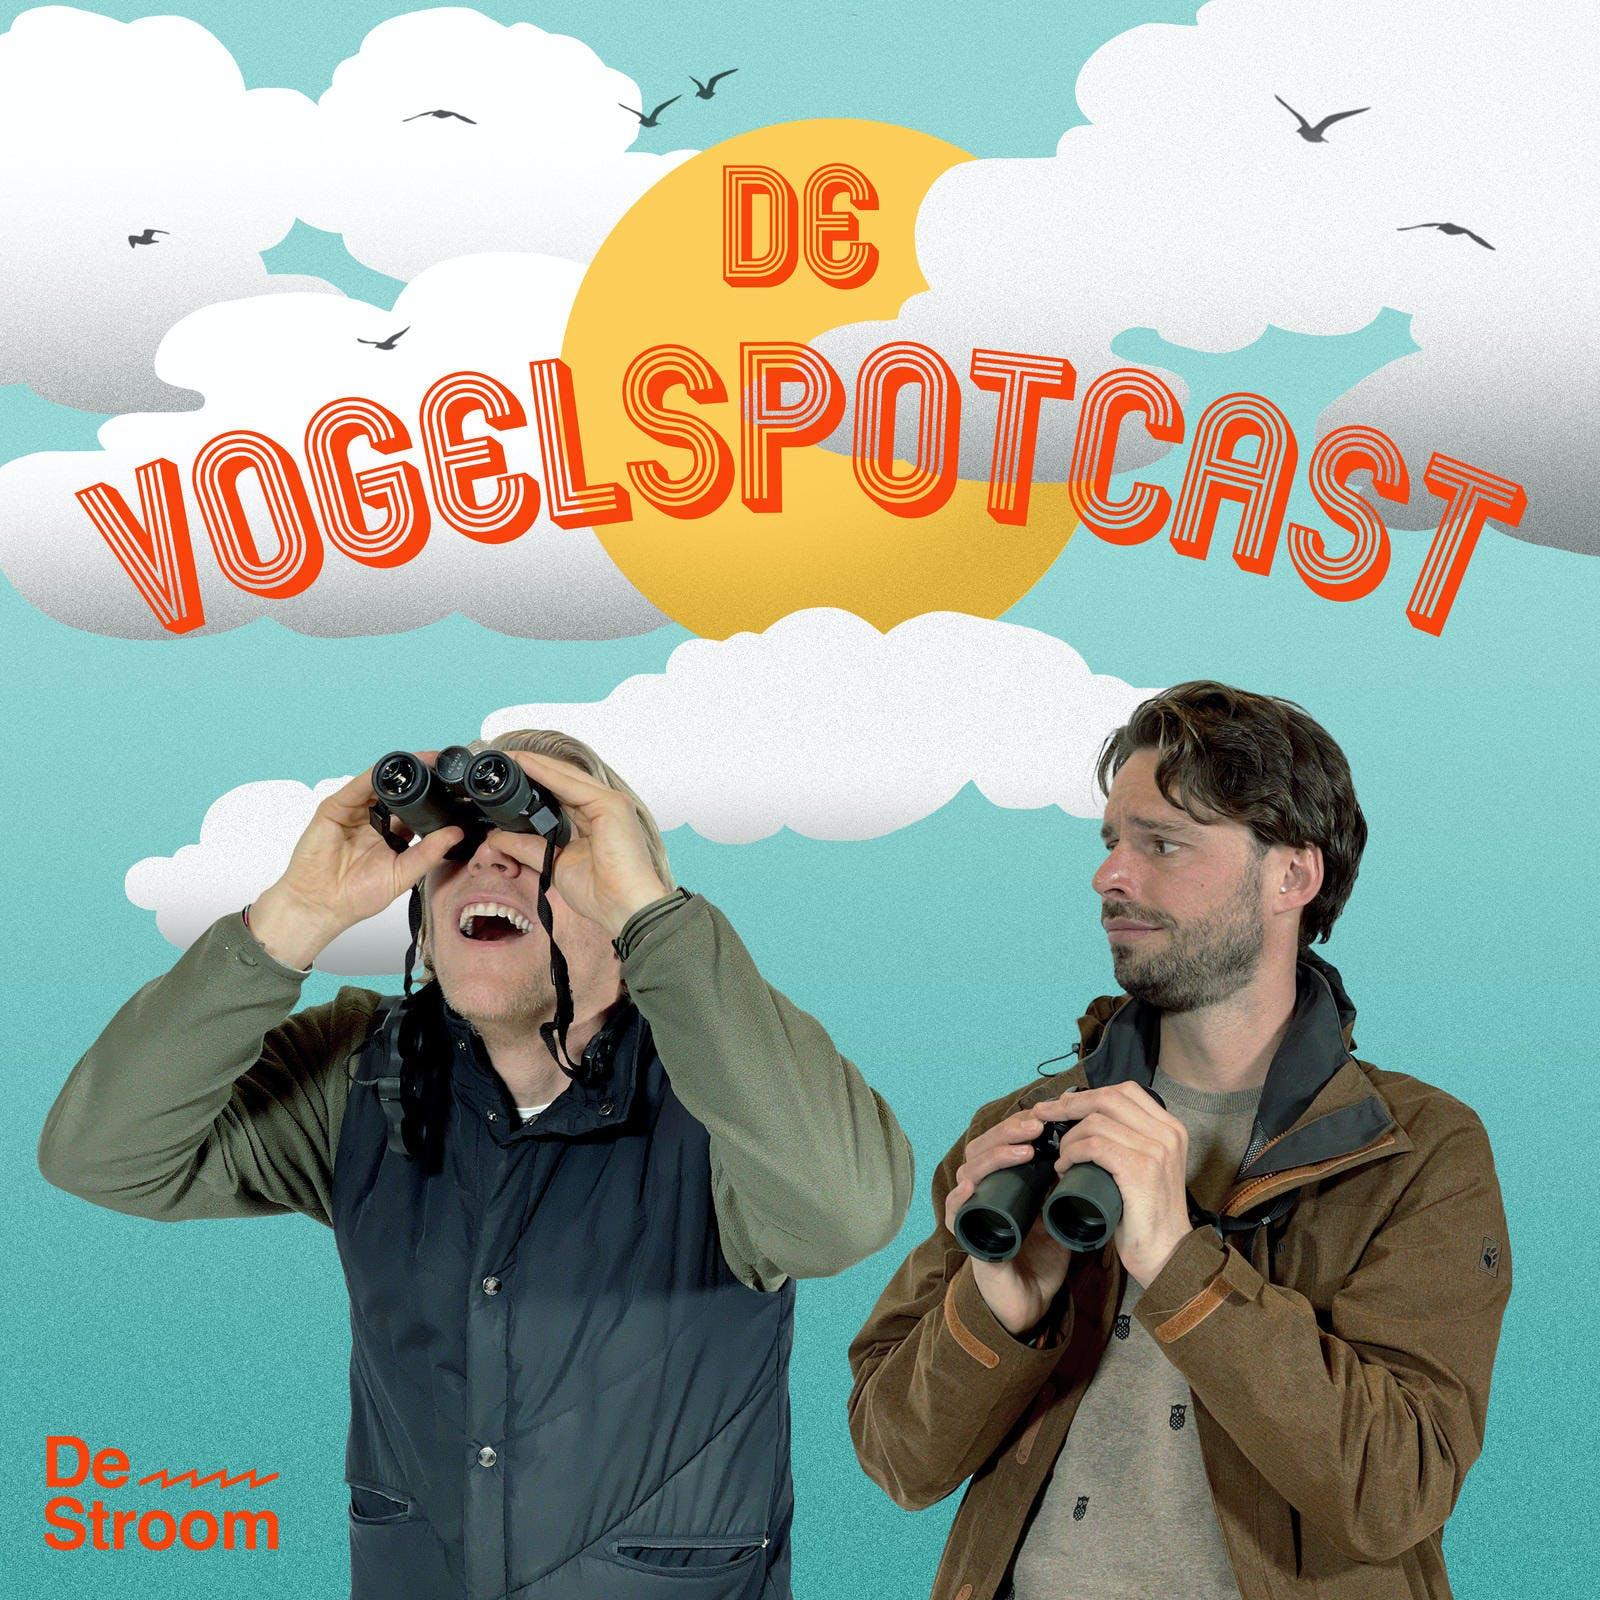 De Vogelspotcast logo